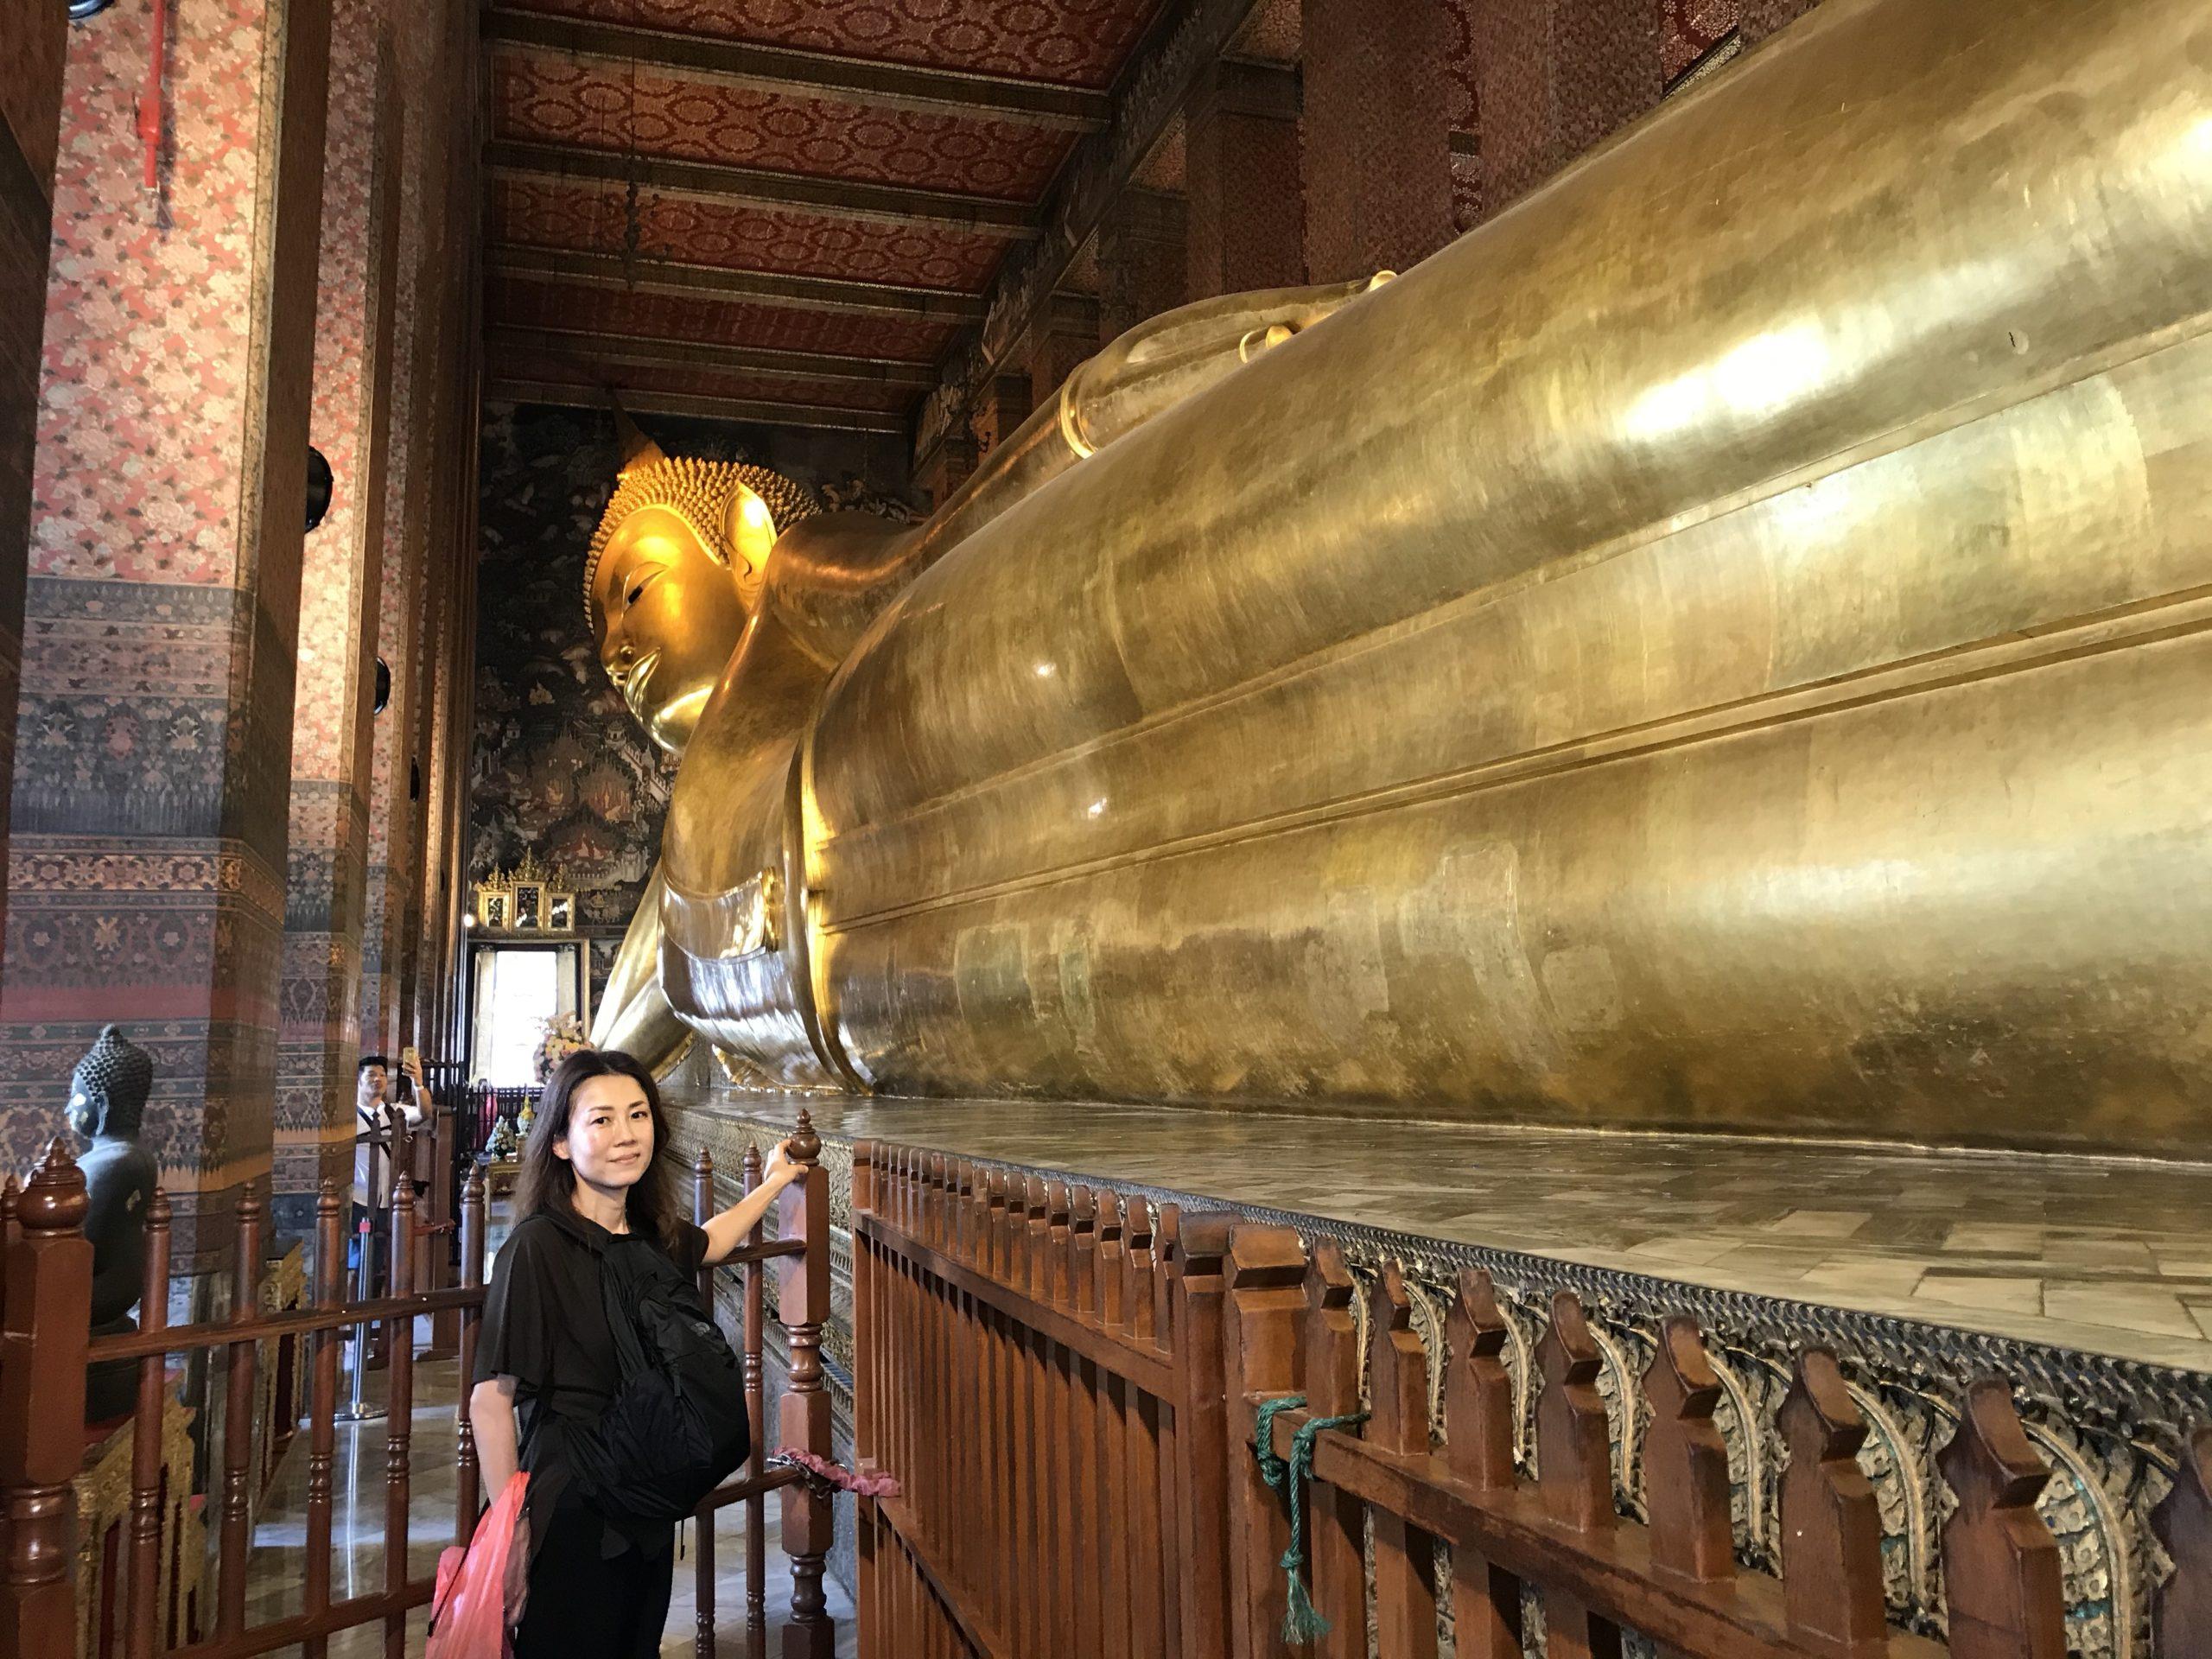 バンコク観光の様子を撮影した写真